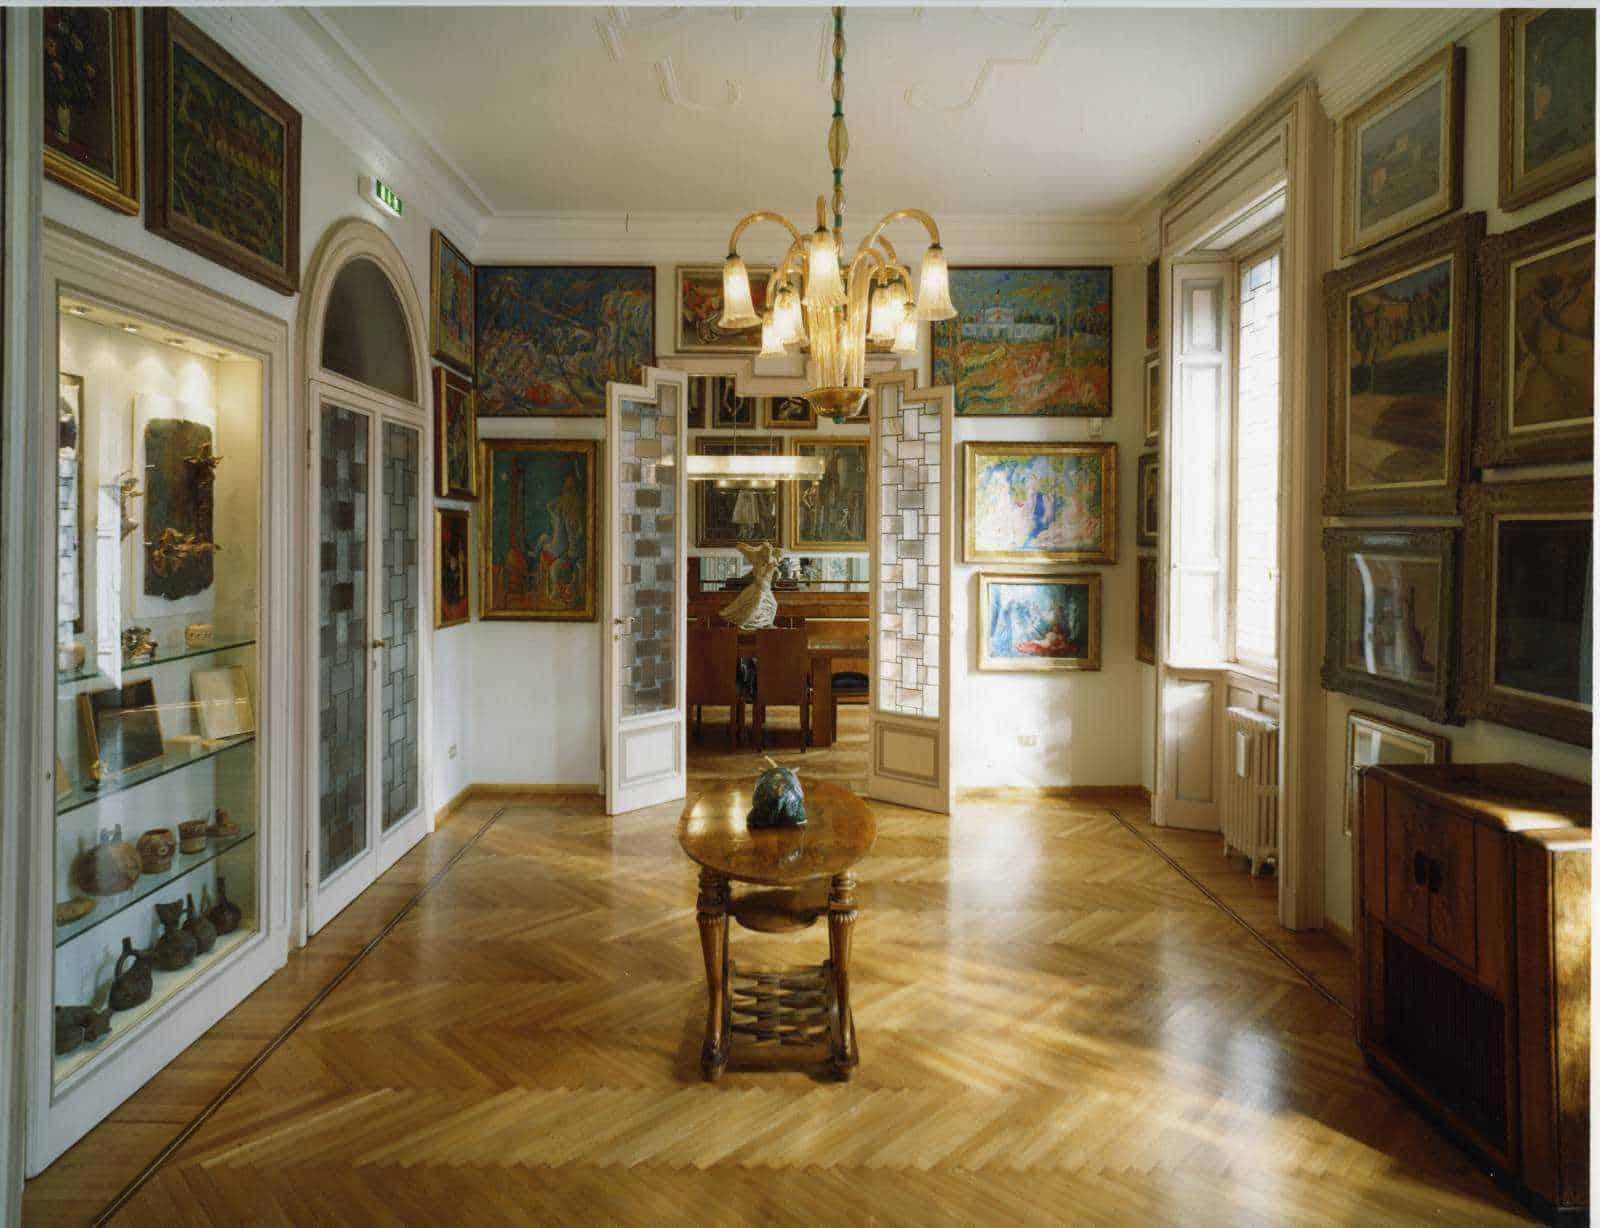 Casa Museo Boschi Di Stefano.Casa Boschi Di Stefano Visite Accompagnate Gratuite Nella Casa Museo